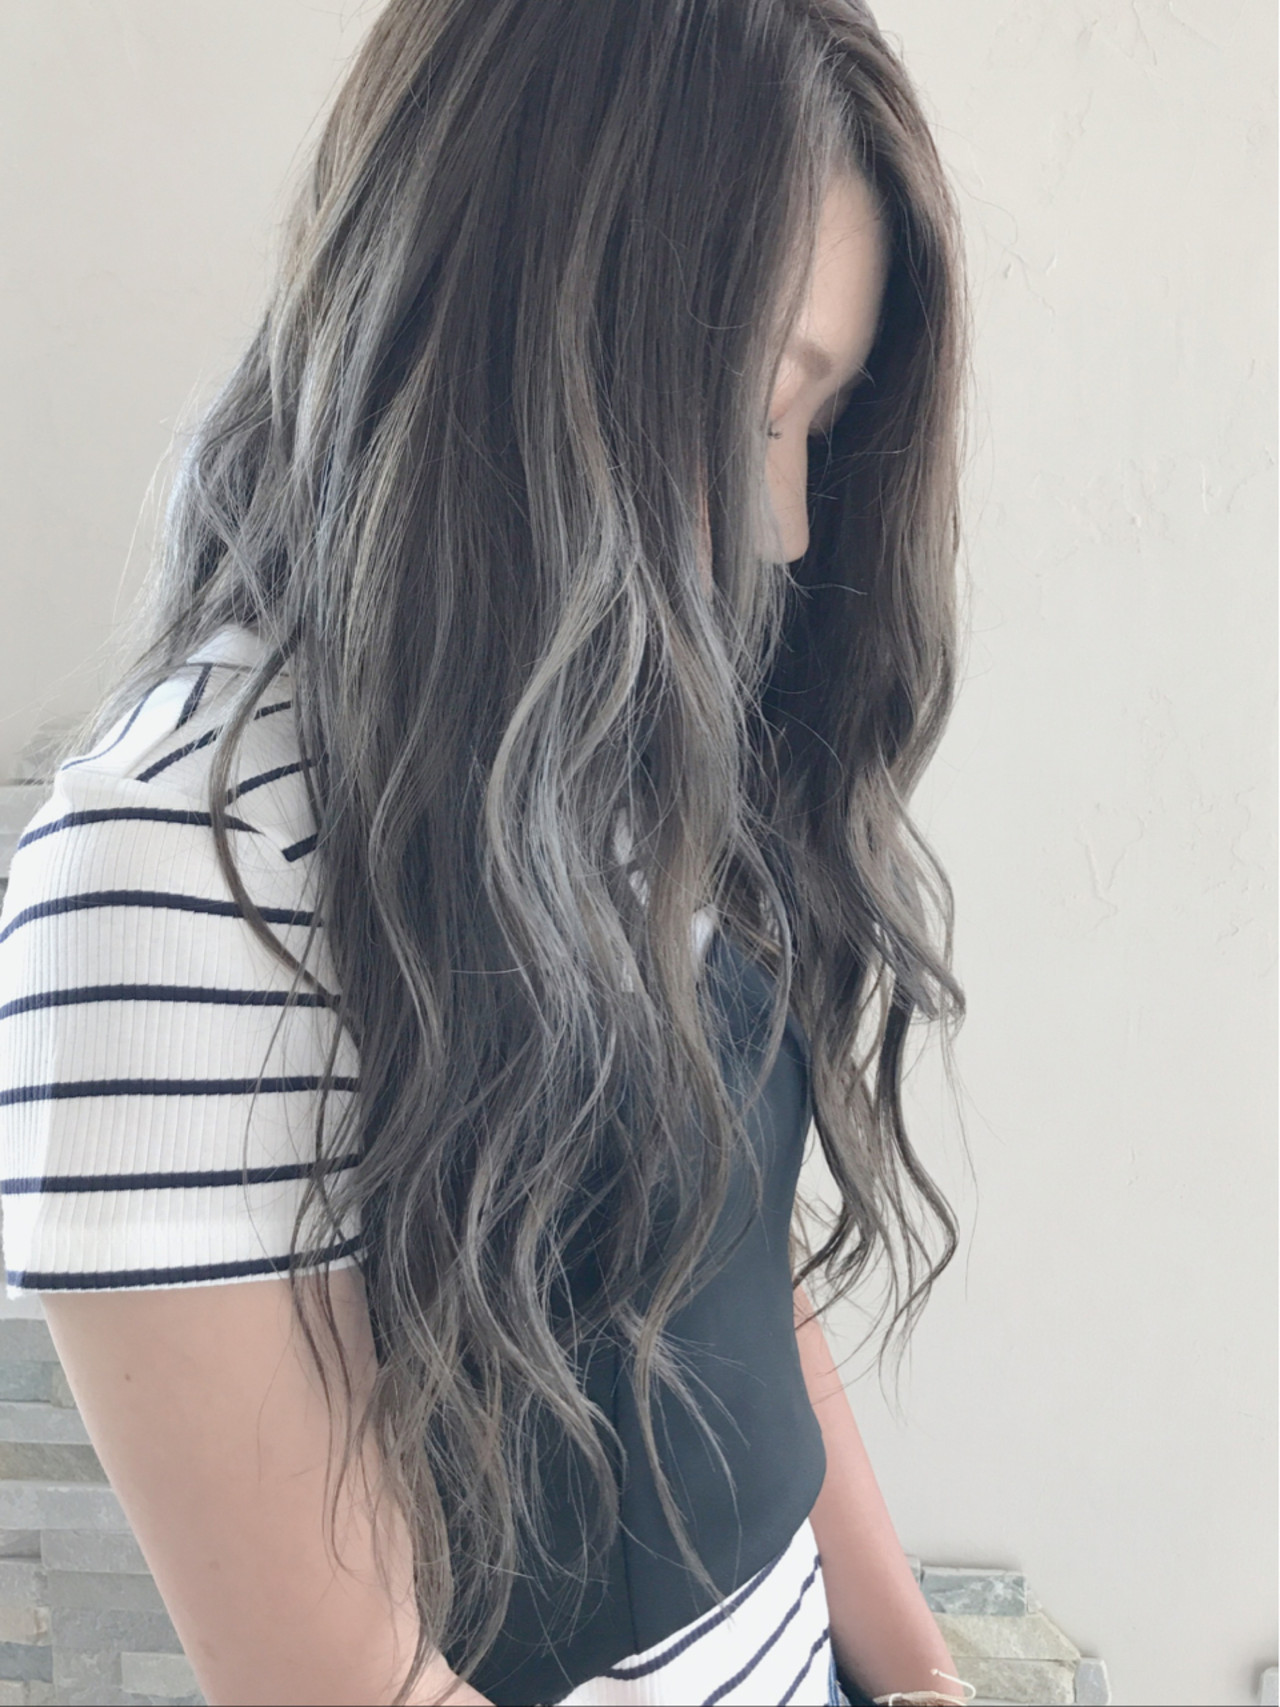 透明感 外国人風カラー ウェーブ ロング ヘアスタイルや髪型の写真・画像 | 中山俊一 / valucetiri